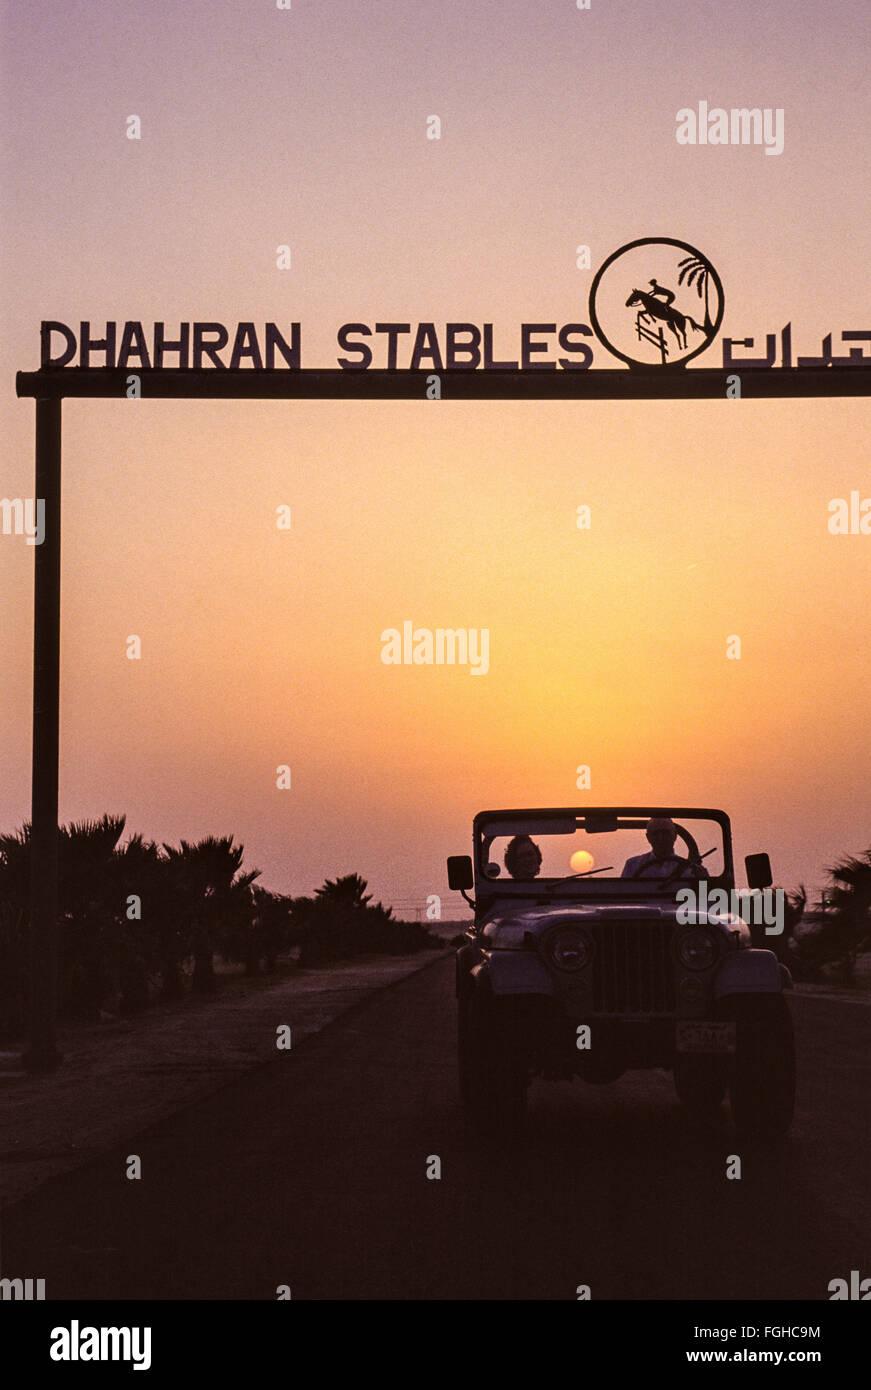 Il Dhahran maneggio sul Saudi Aramco Oil Company composto. Immagini Stock